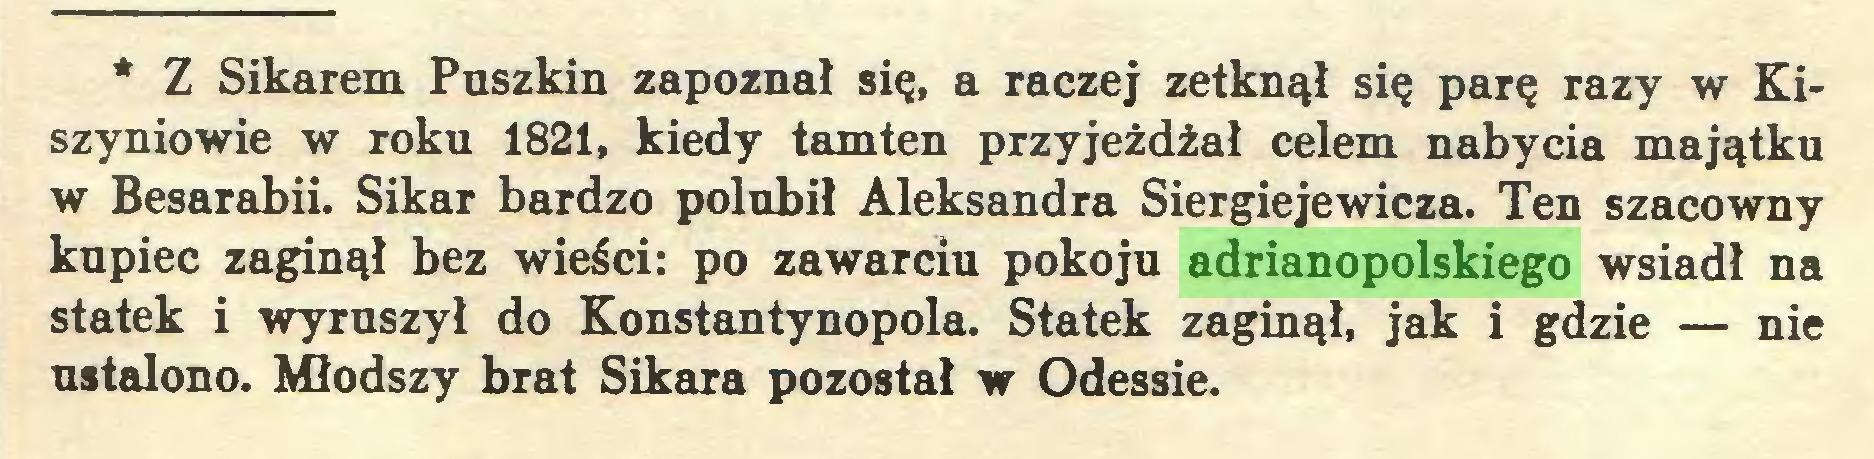 (...) * Z Sikarem Puszkin zapoznał się, a raczej zetknął się parę razy w Kiszyniowie w roku 1821, kiedy tamten przyjeżdżał celem nabycia majątku w Besarabii. Sikar bardzo polubił Aleksandra Siergiejewicza. Ten szacowny kupiec zaginął bez wieści: po zawarciu pokoju adrianopolskiego wsiadł na statek i wyruszył do Konstantynopola. Statek zaginął, jak i gdzie — nie ustalono. Młodszy brat Sikara pozostał w Odessie...